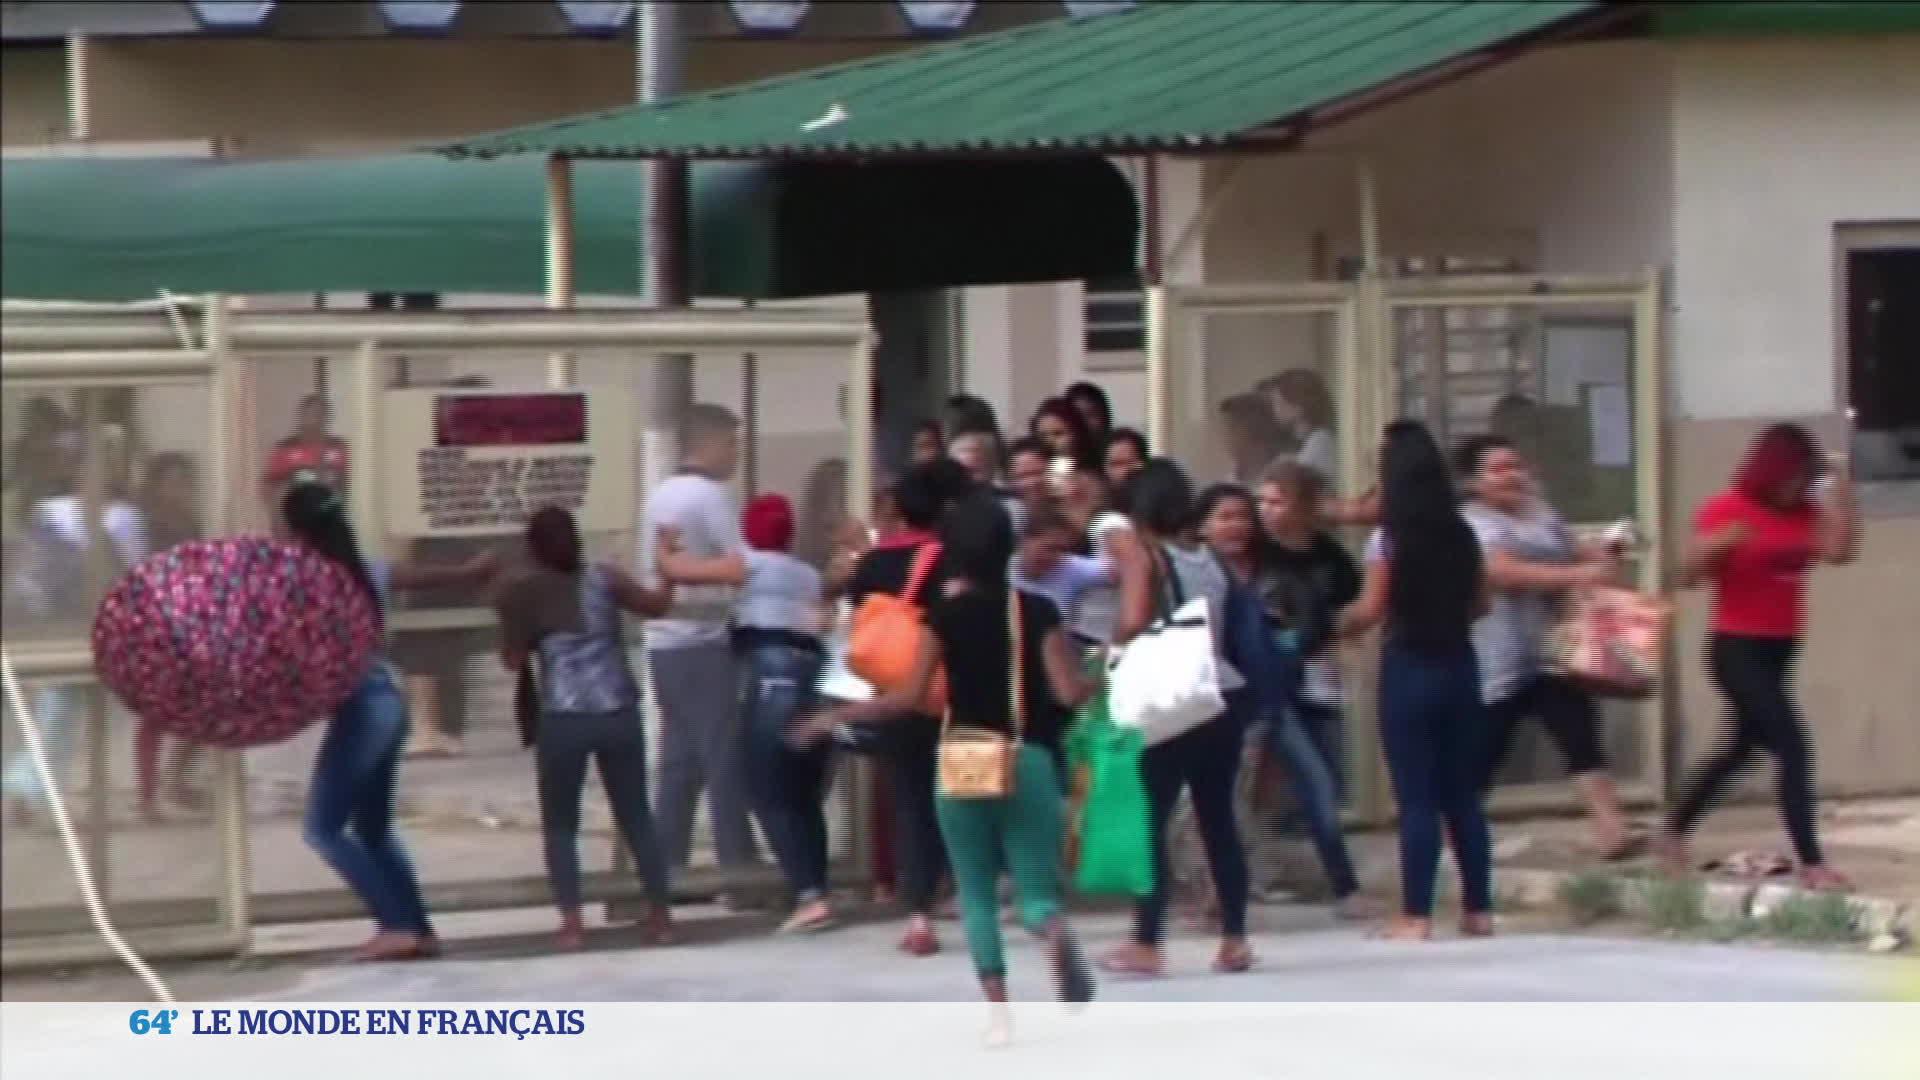 Brésil : le pays sous le choc après la mutinerie survenue dans une prison surpeu